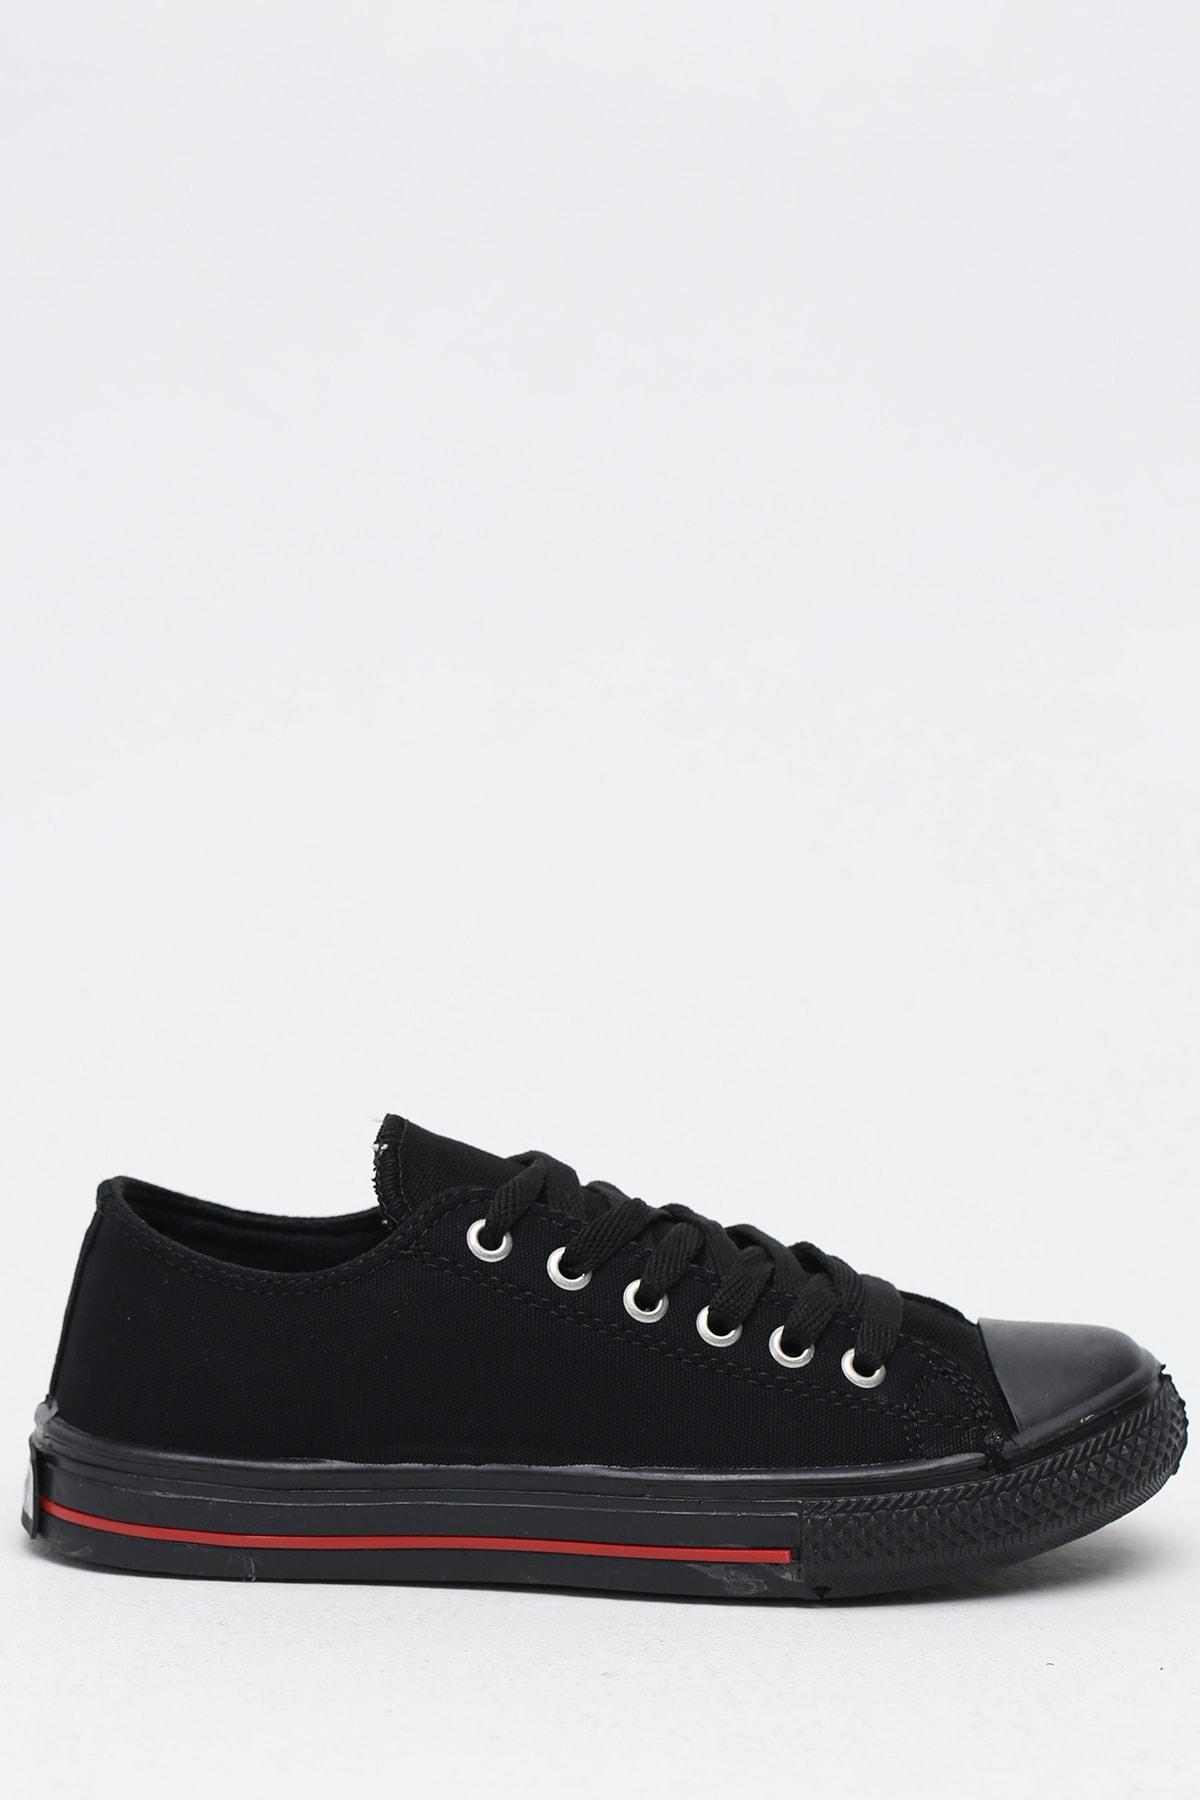 Ayakkabı Modası Siyah Kırmızı Kadın Ayakkabı M9999-19-100165R 1